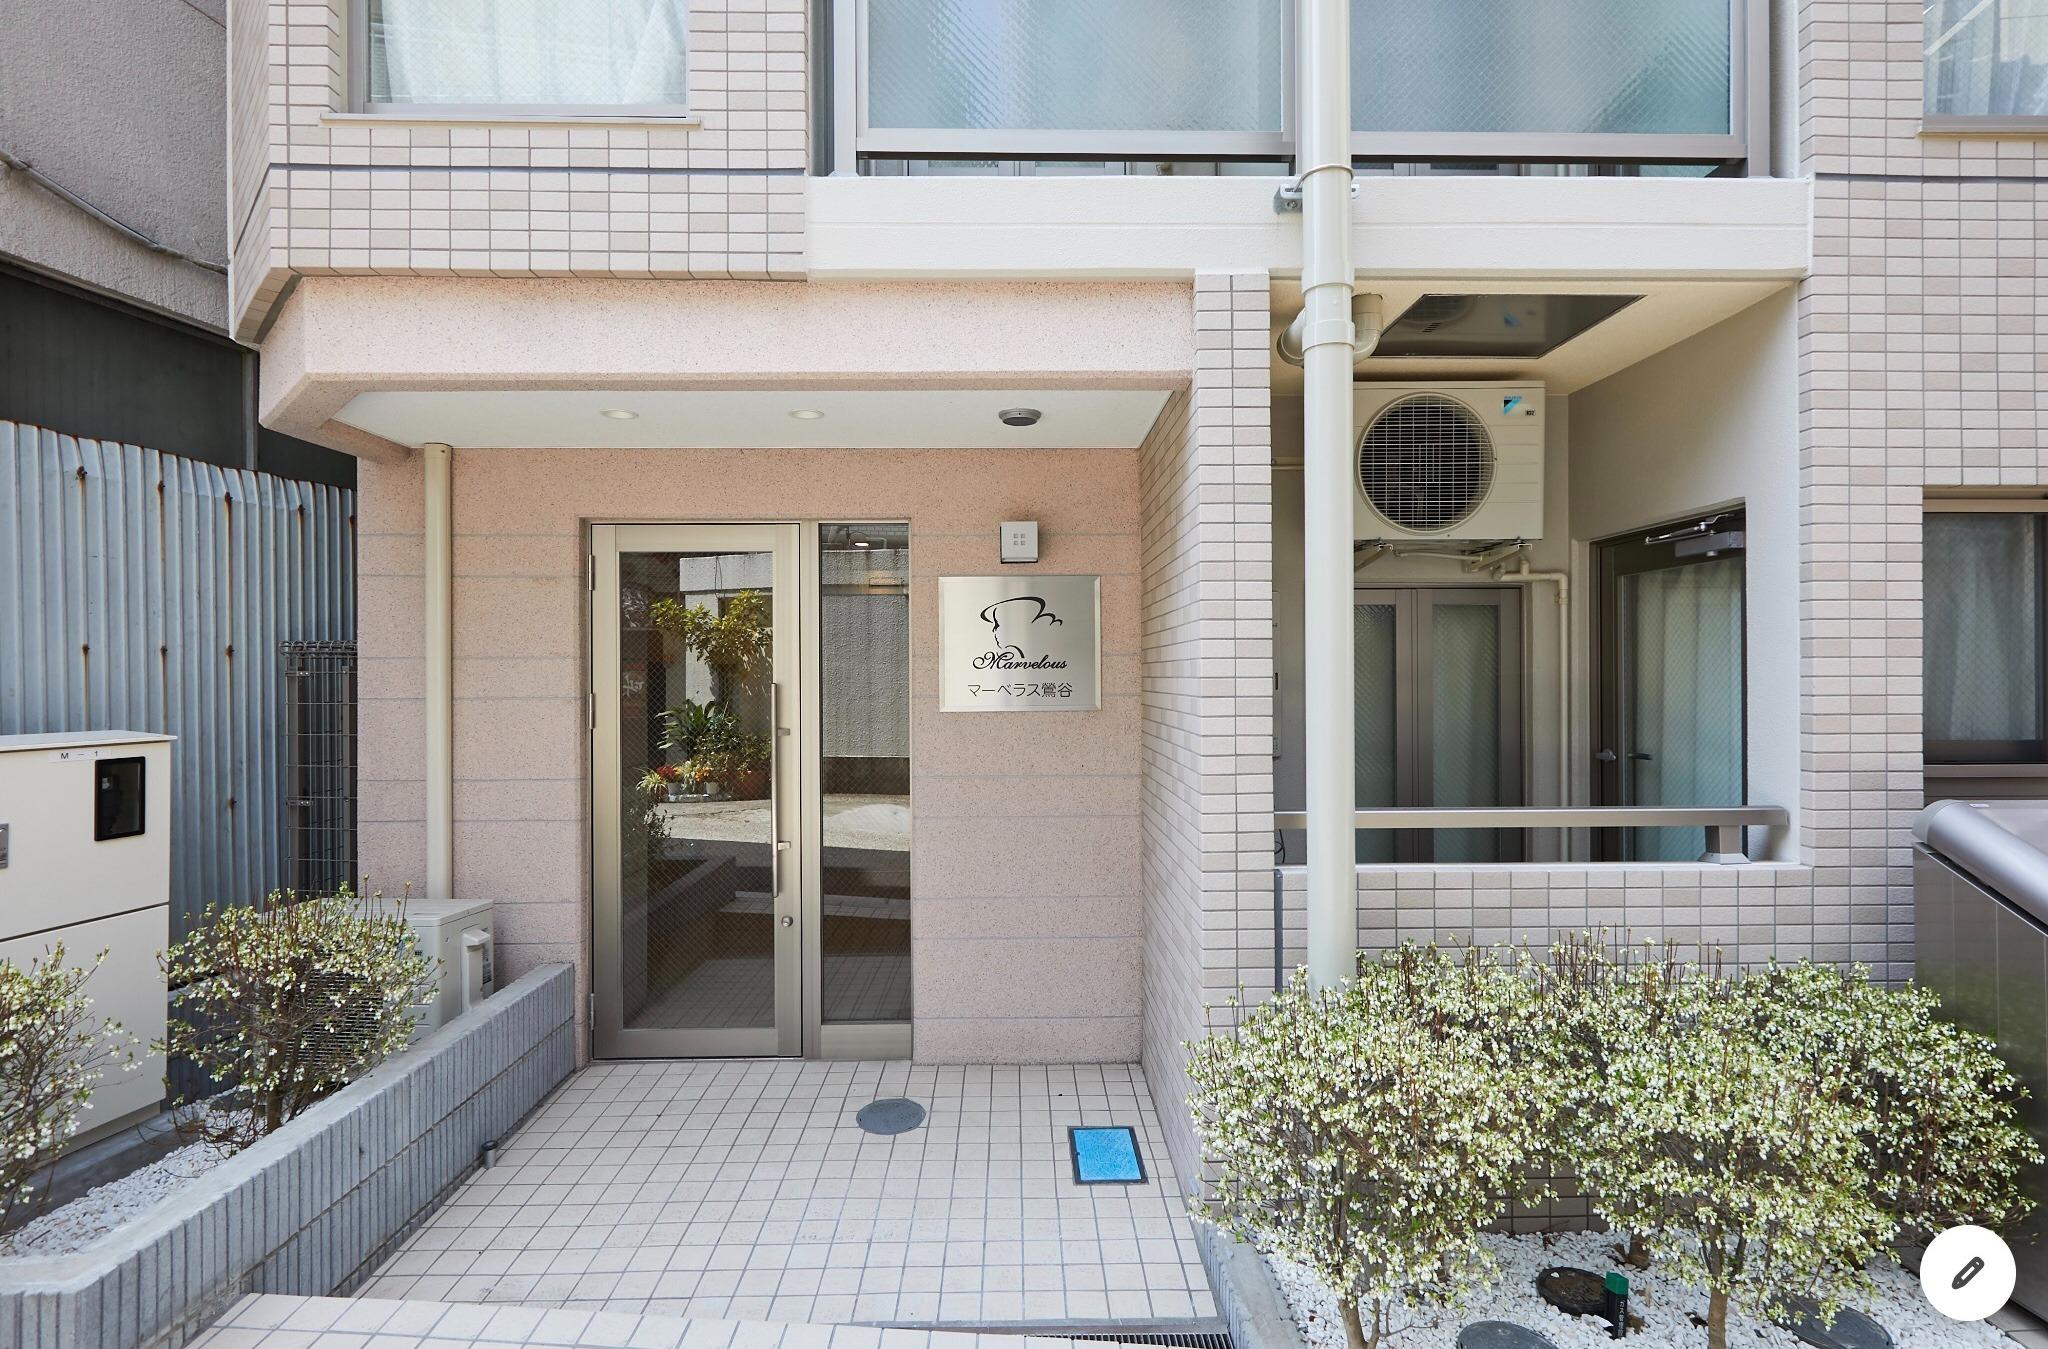 101/JR鶯谷駅 徒歩5分 定期消毒 高速WI-FI Near UenoPark Nippori